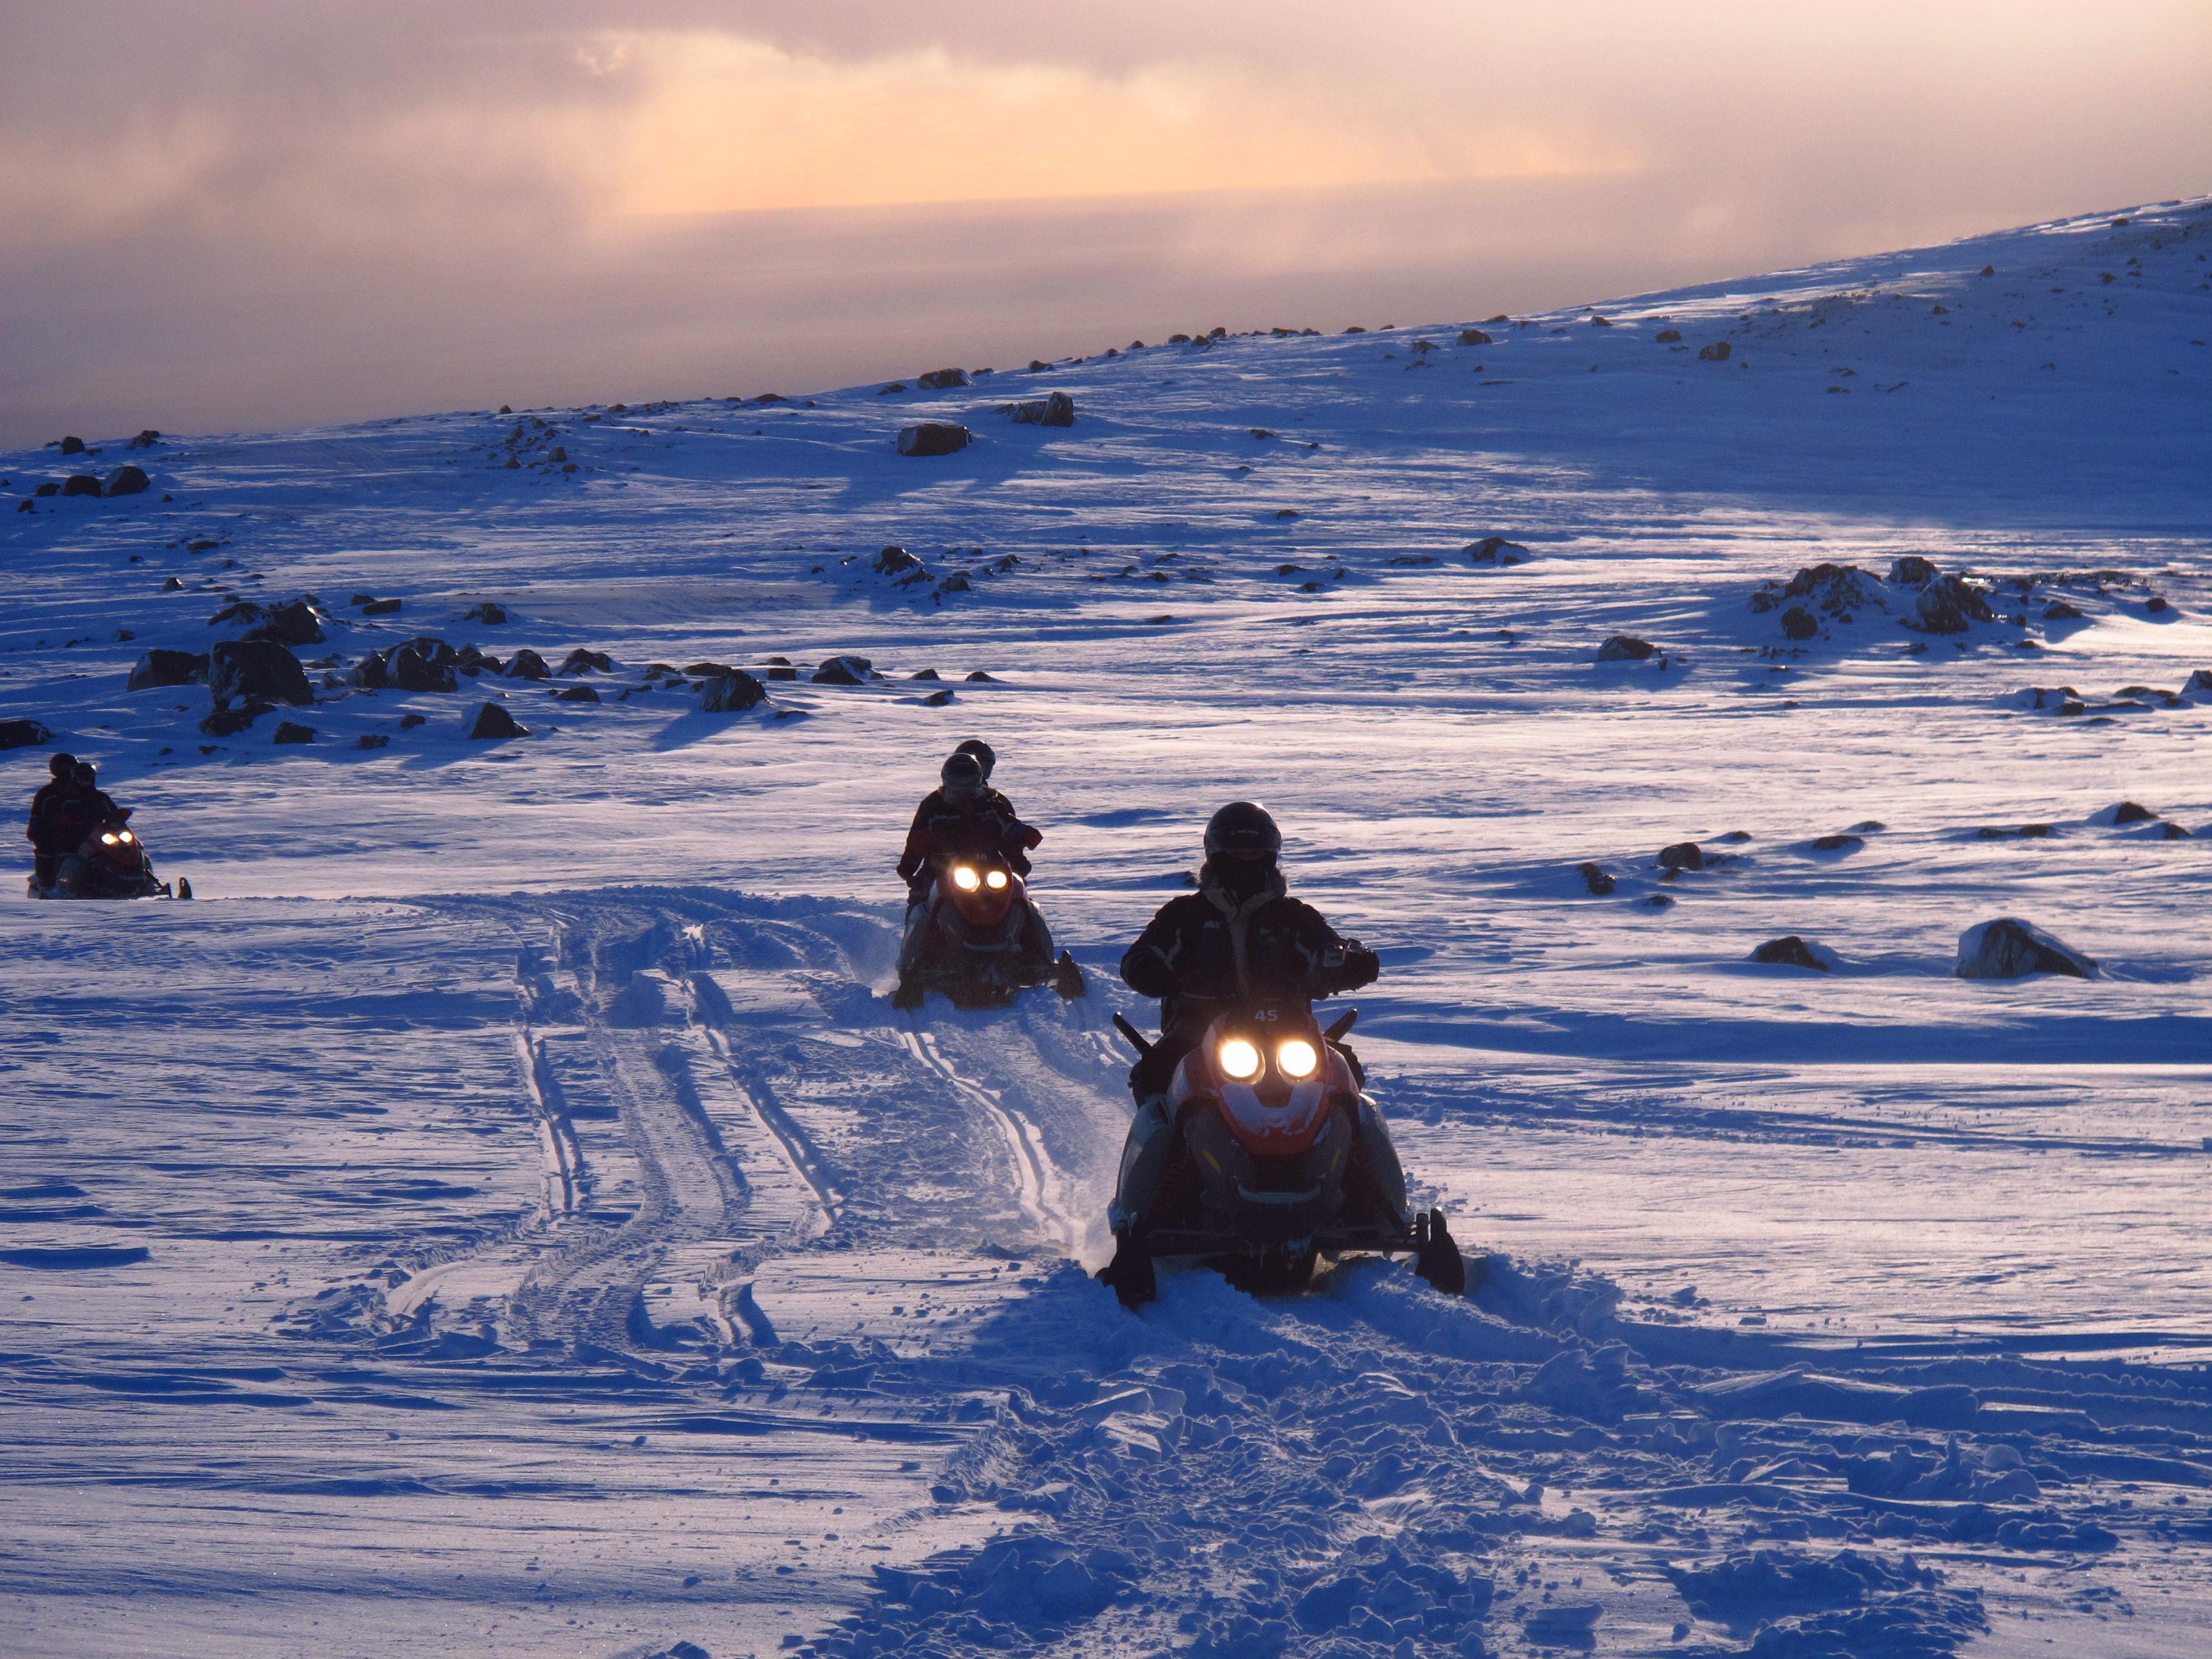 Från din position på snöskotern har du 360 graders utsikt över glaciären Mýrdalsjökull.